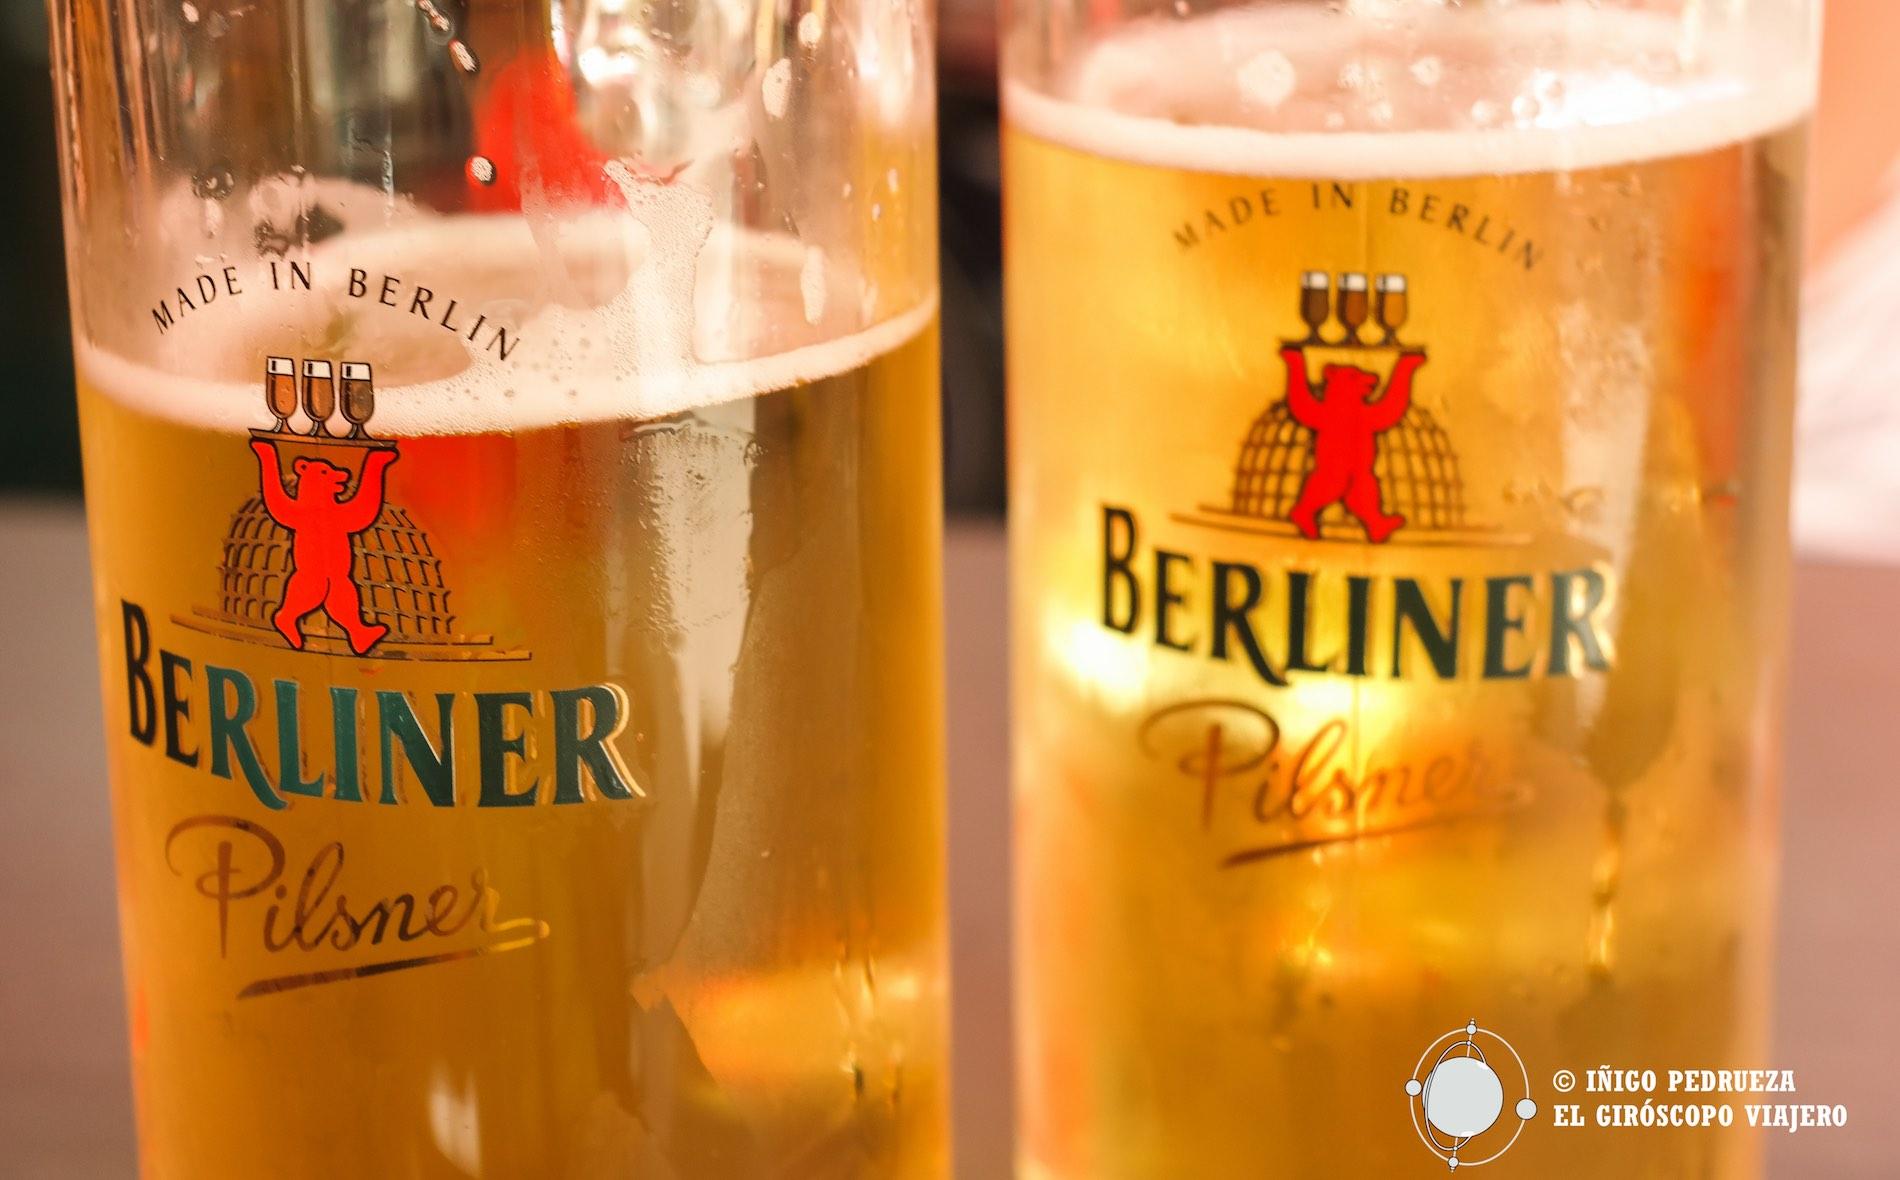 Cerveza Berliner, una de las más típicas de la ciudad. ©Iñigo Pedrueza.